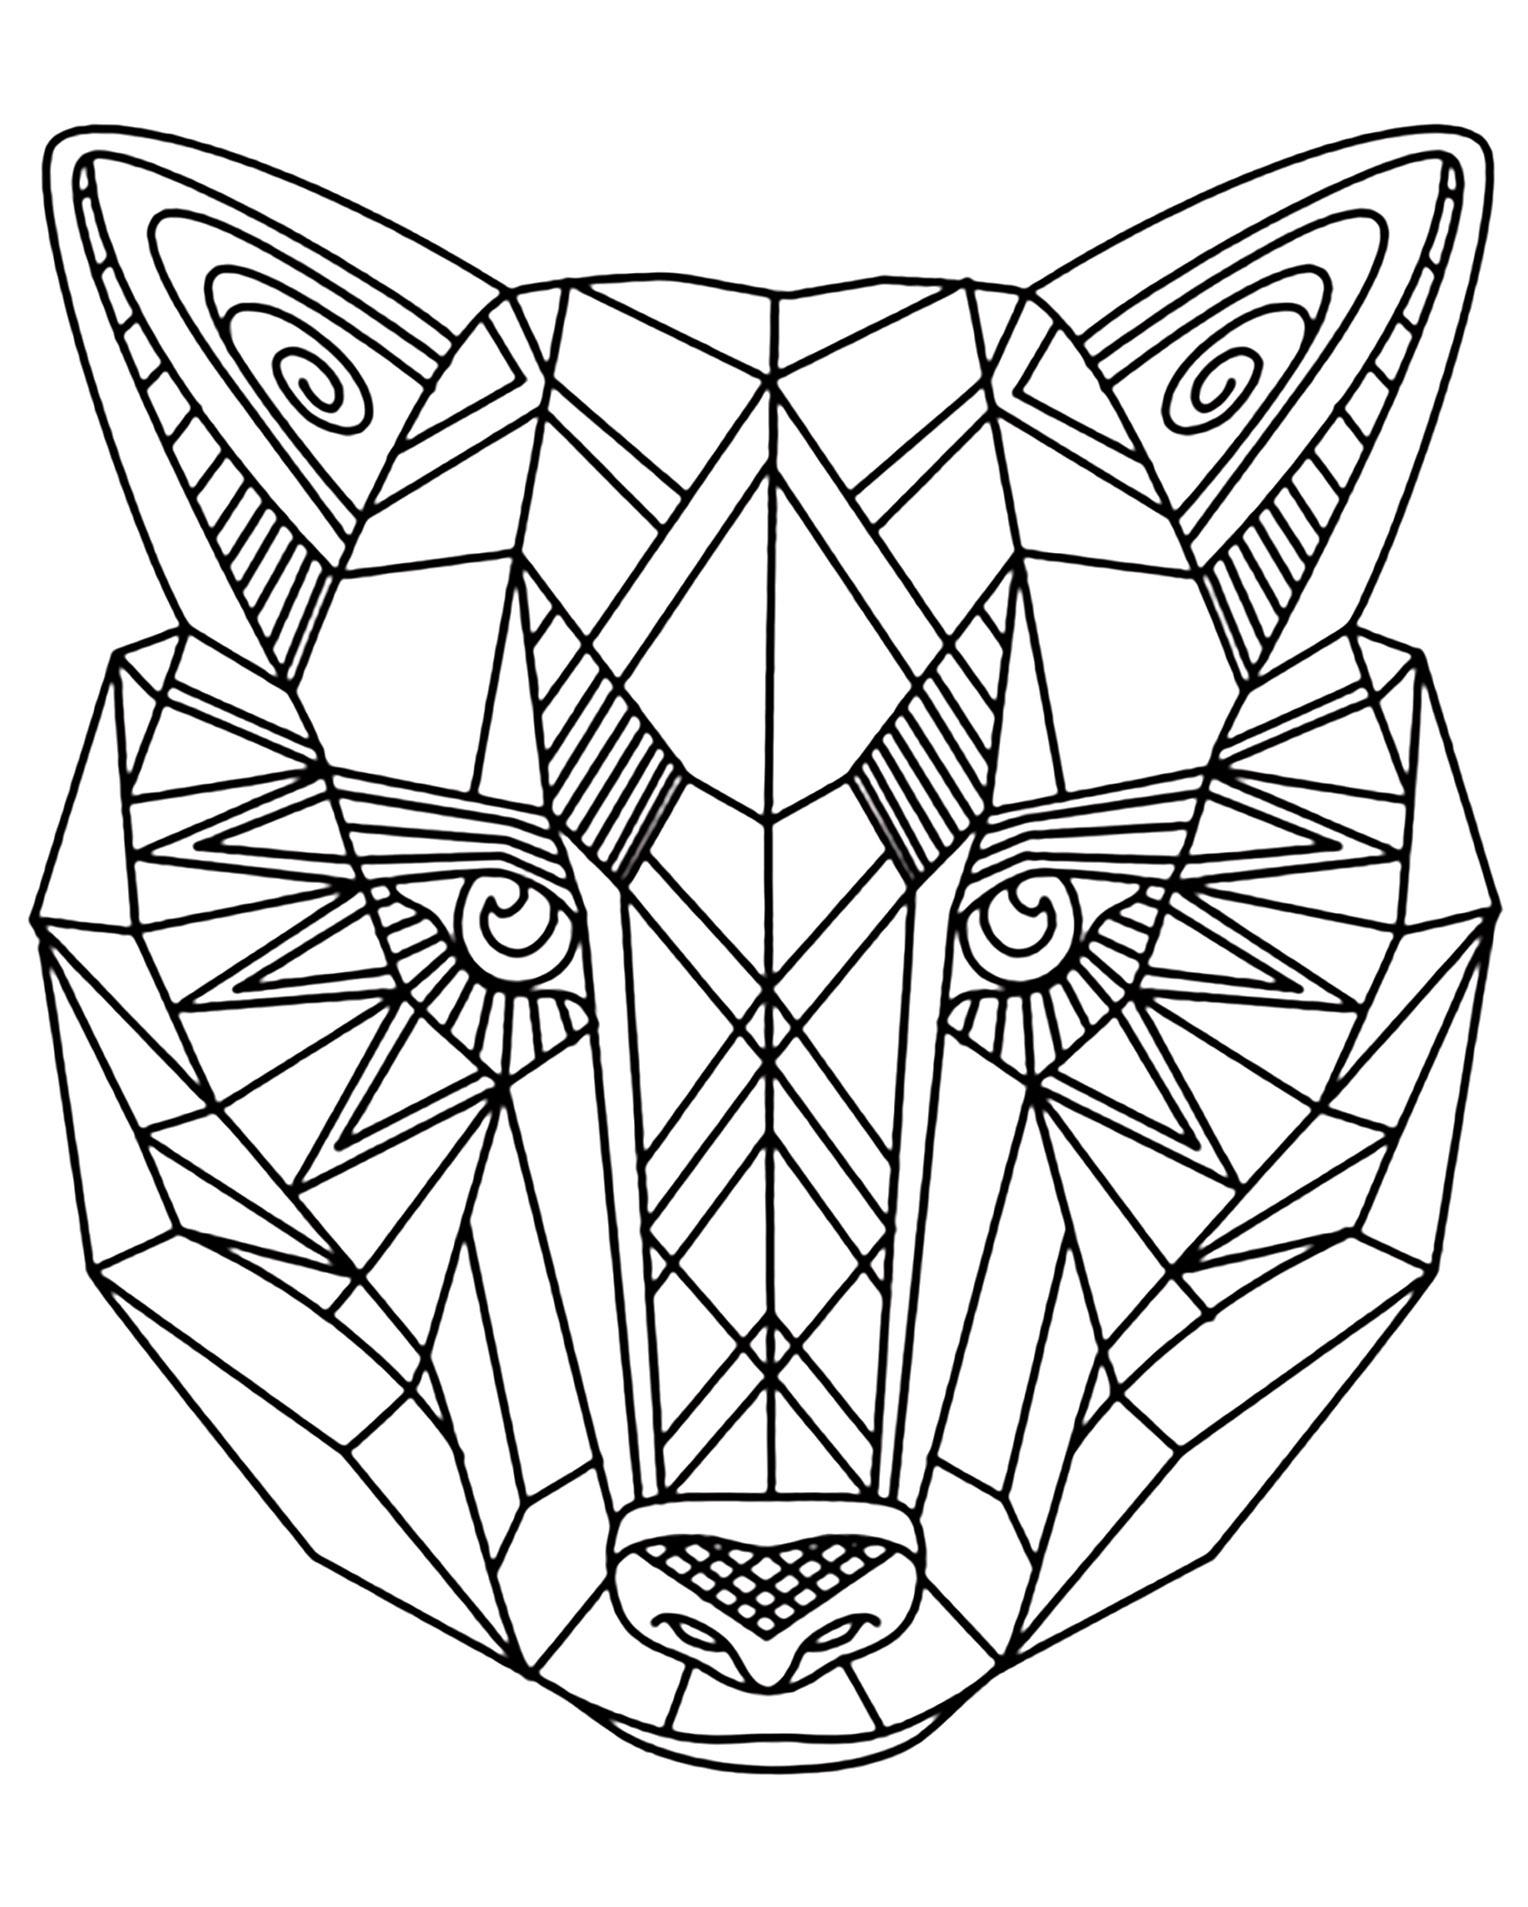 Une tête de loup très géométrique